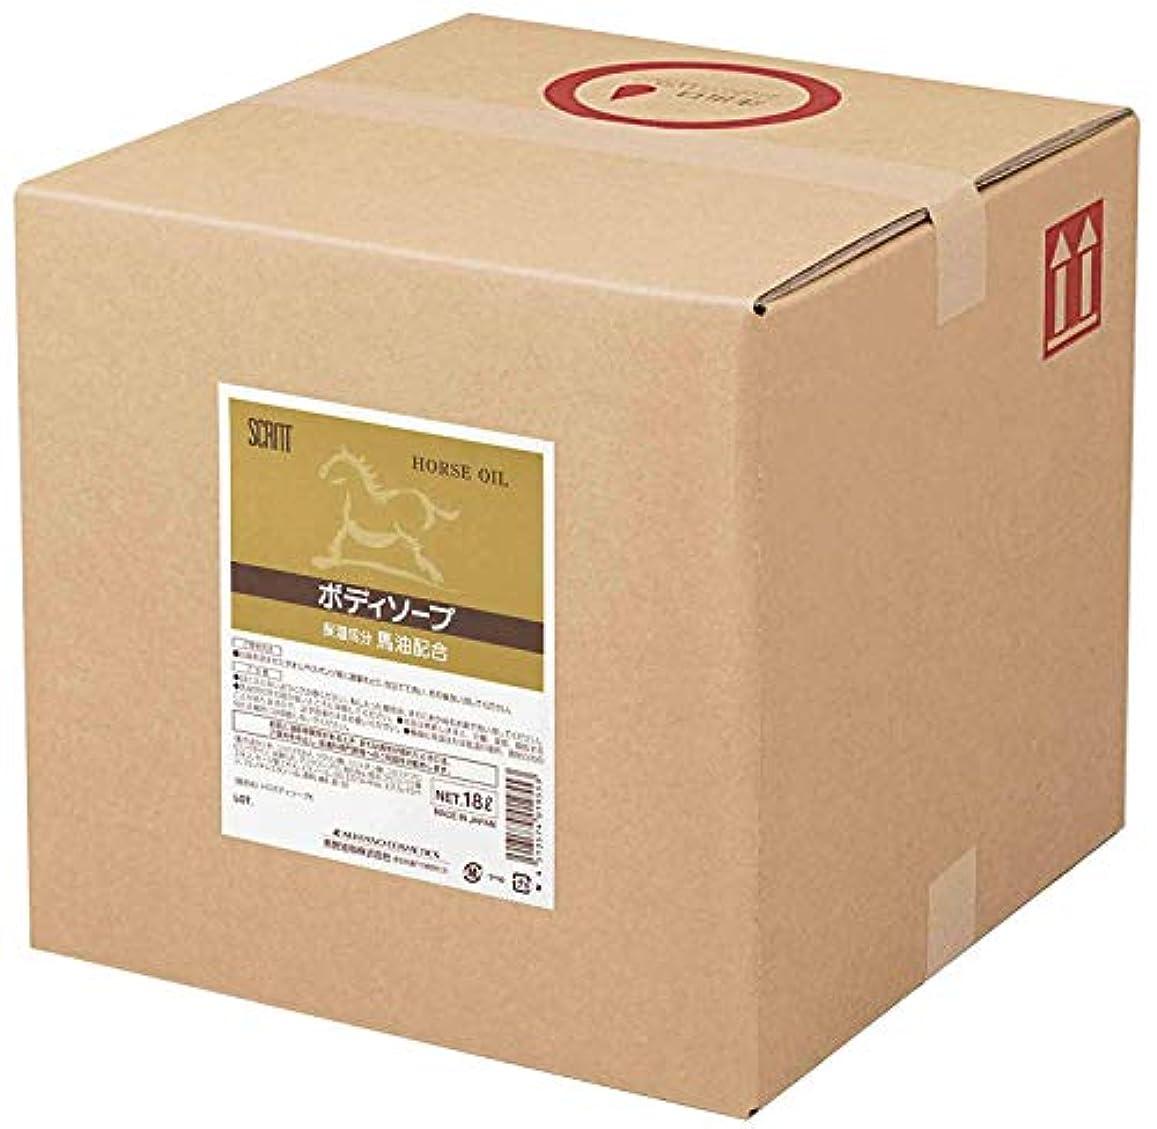 合法段階軽減する業務用 SCRITT(スクリット) 馬油ボディソープ 18L 熊野油脂 (コック付き)